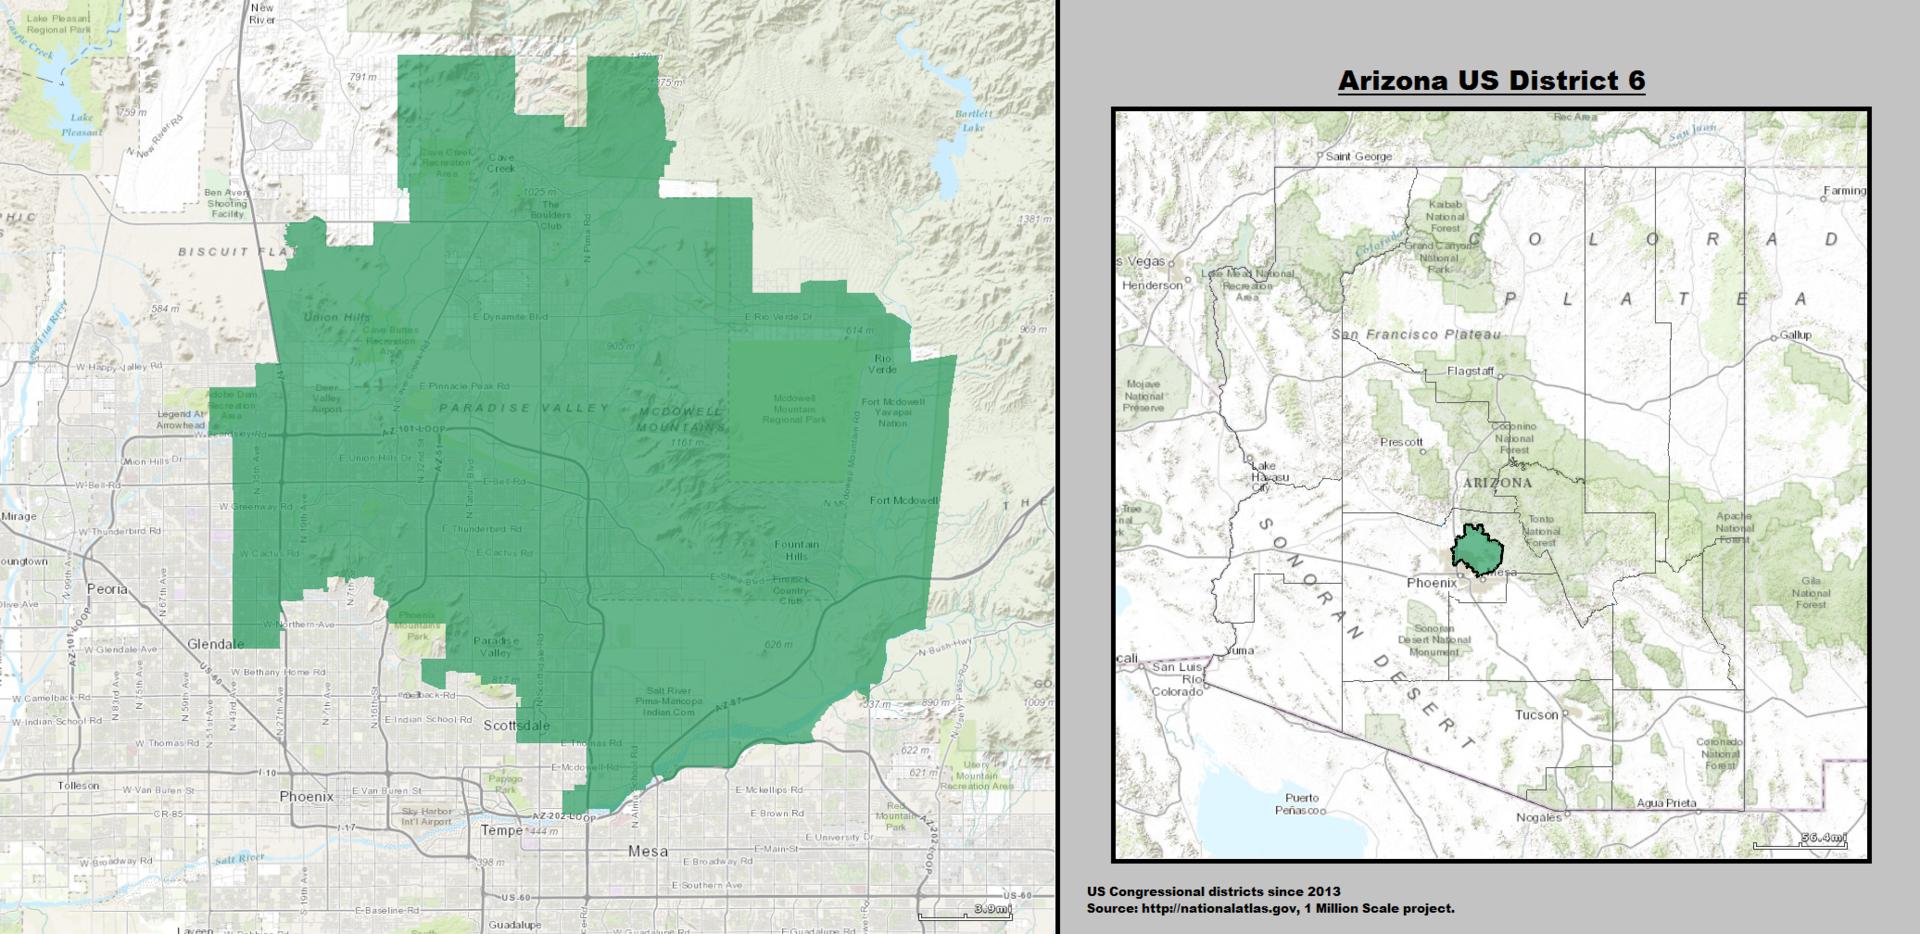 Arizona39s 6th Congressional District  Wikipedia